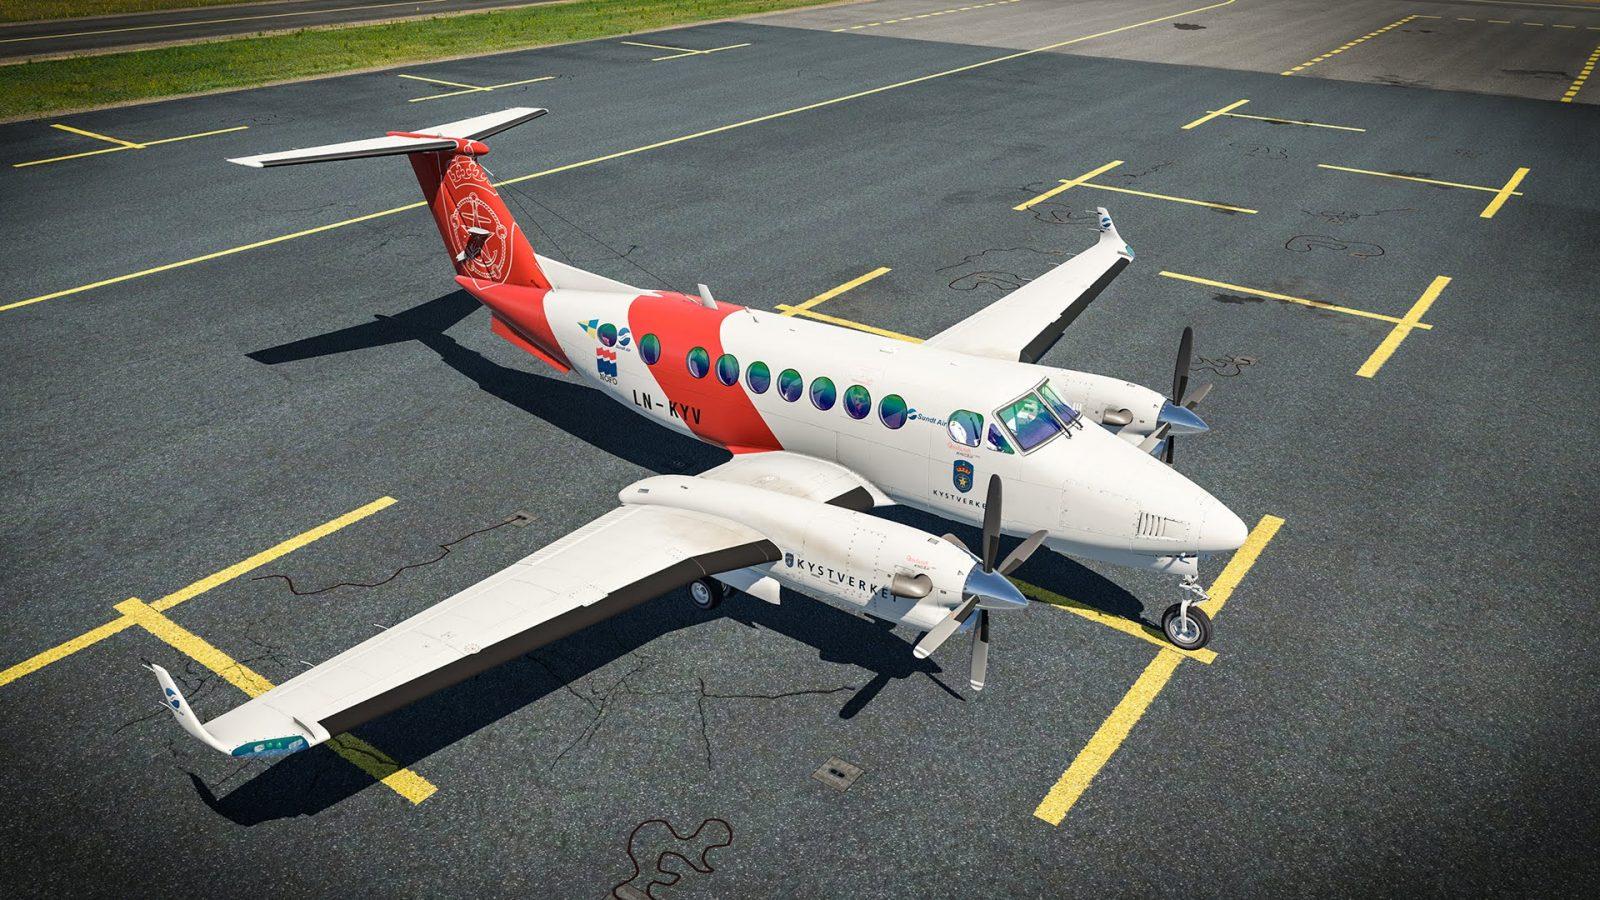 airfoillabs-king-air-350-39-1600x900.jpg